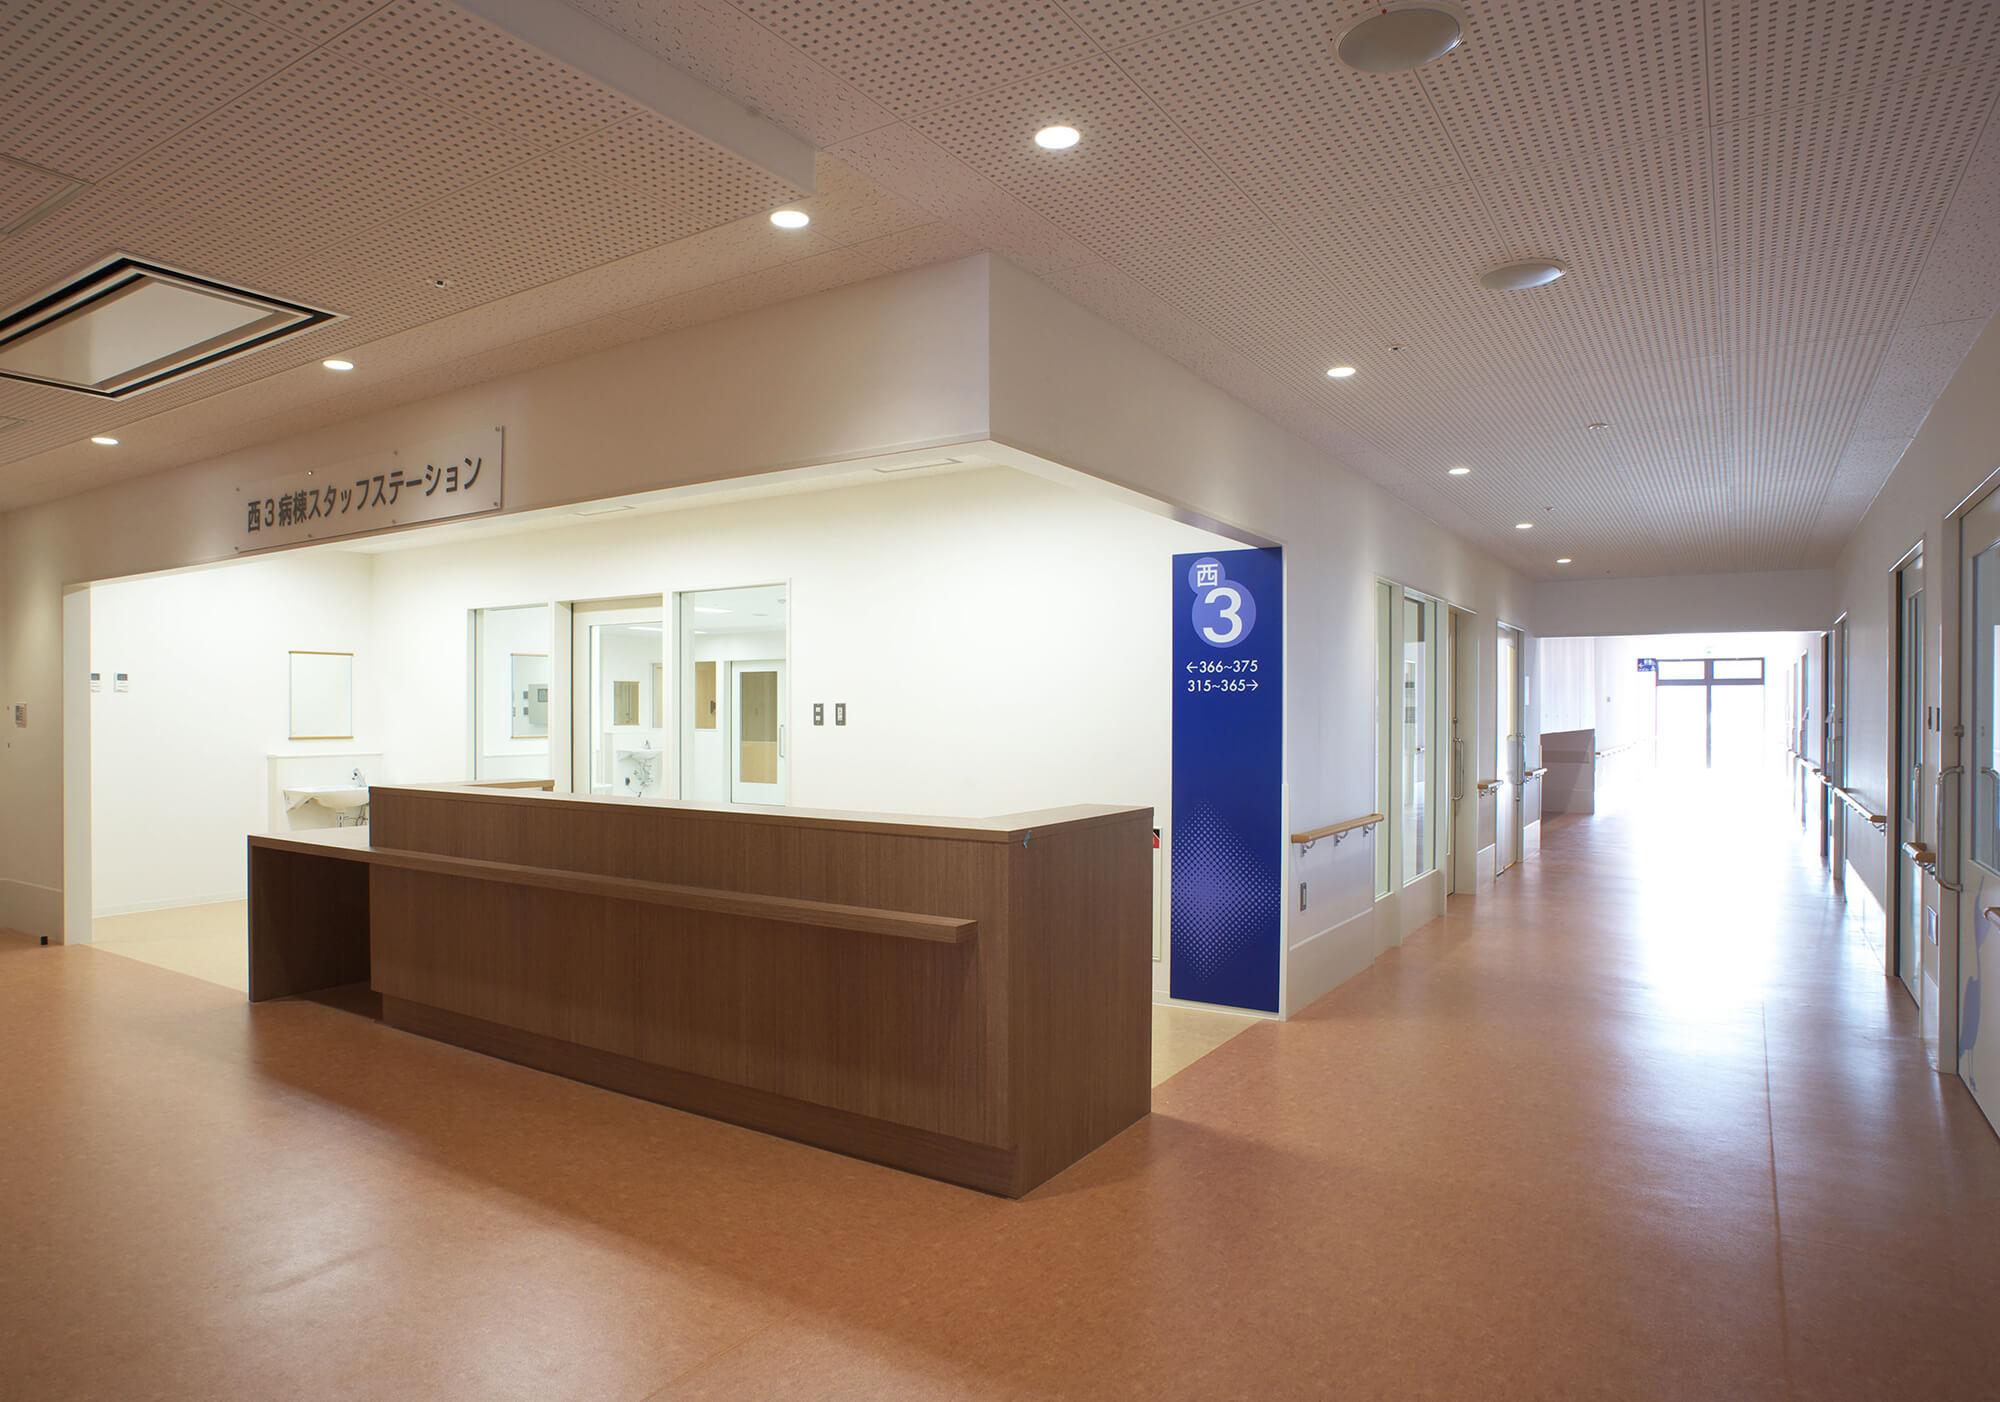 水俣 市立 総合 医療 センター